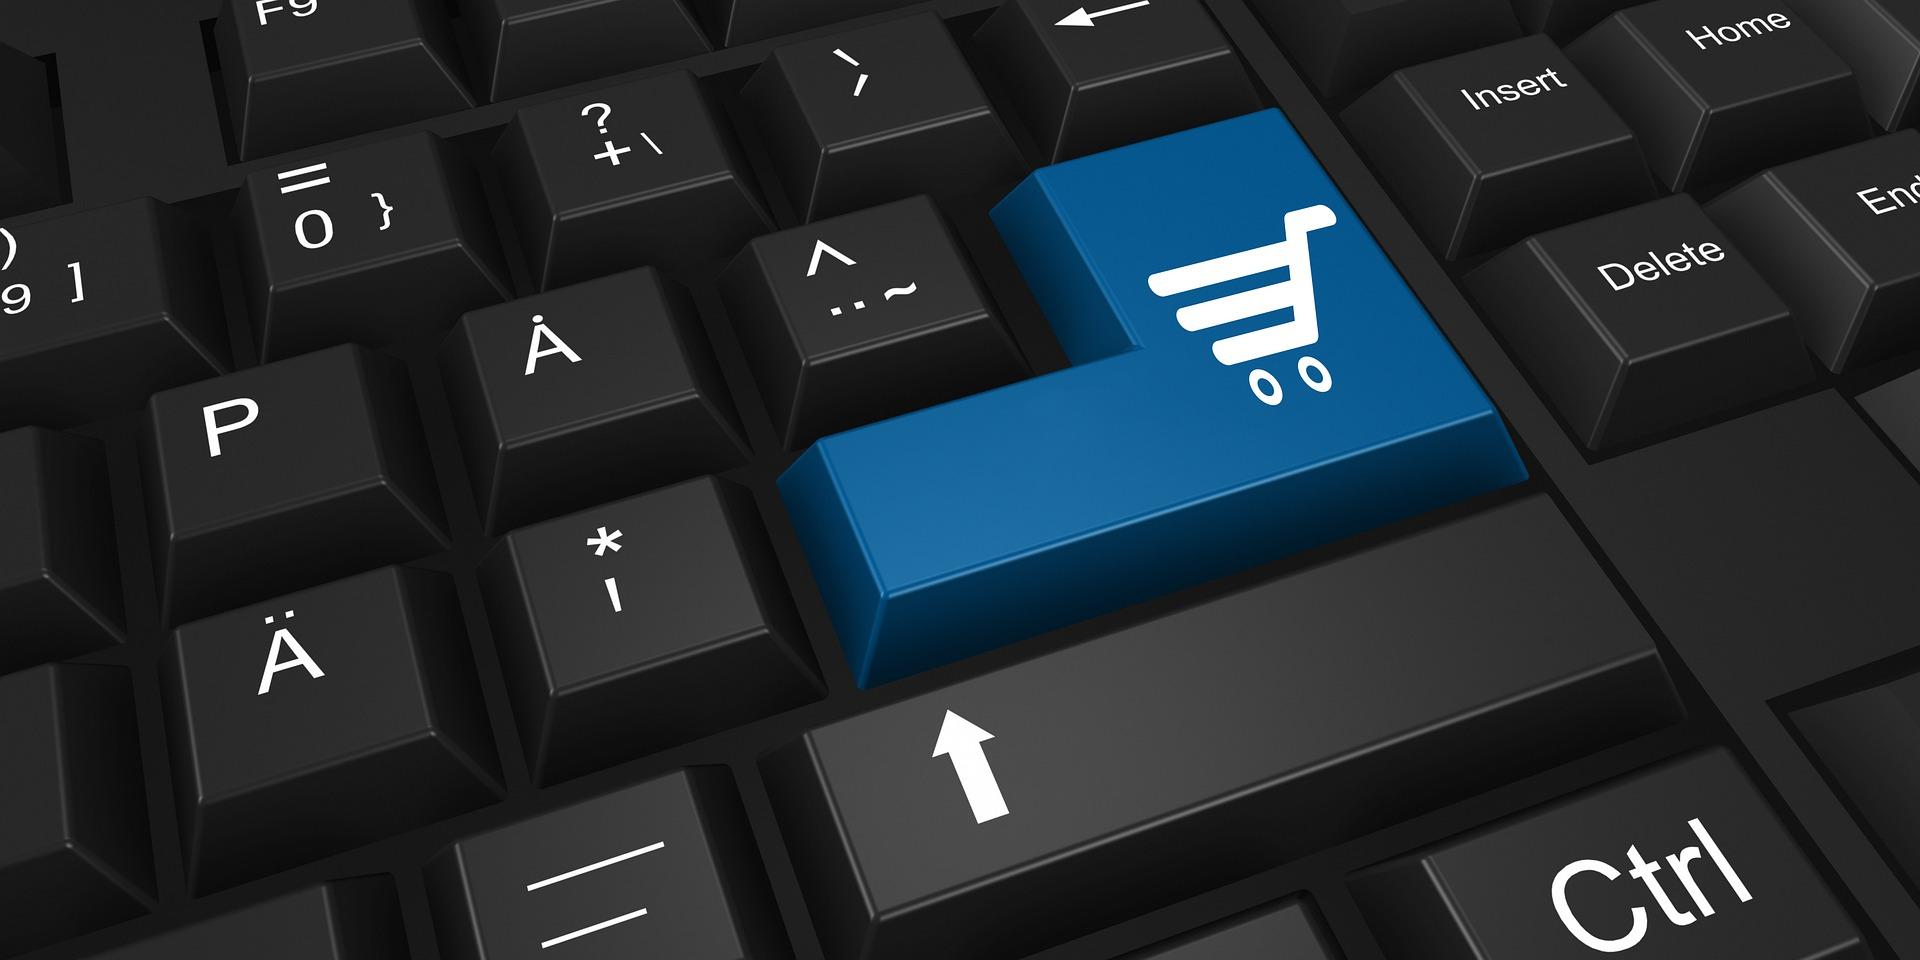 ¿Quieres lanzarte al mundo del comercio electrónico? Te ayudamos